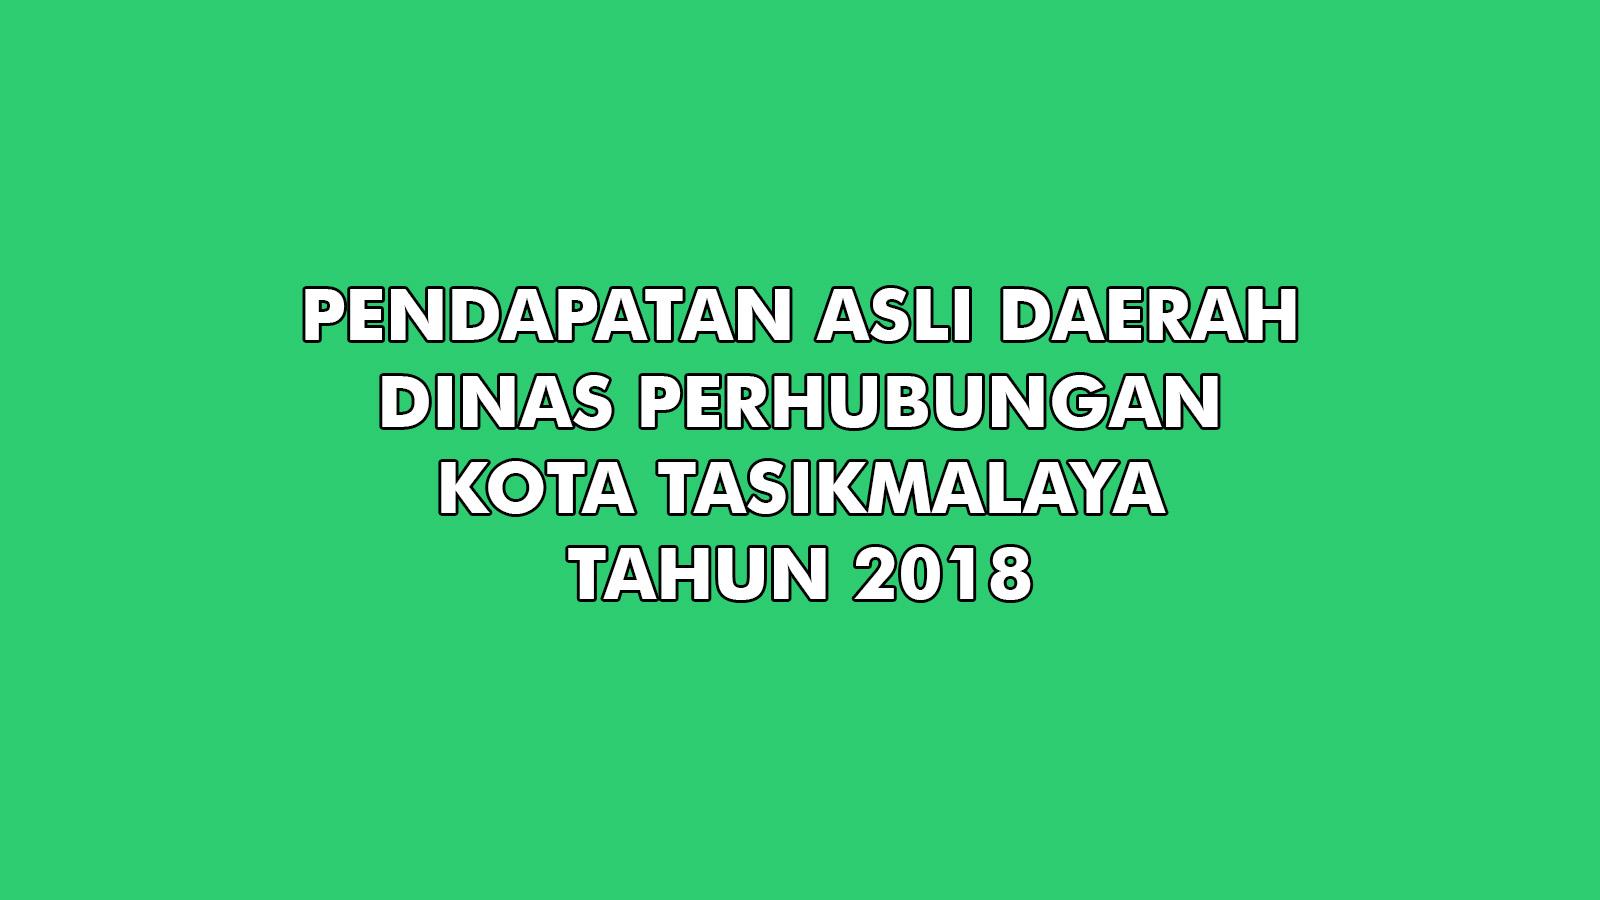 Pendapatan Asli Daerah Dinas Perhubungan Kota Tasikmalaya Tahun 2018